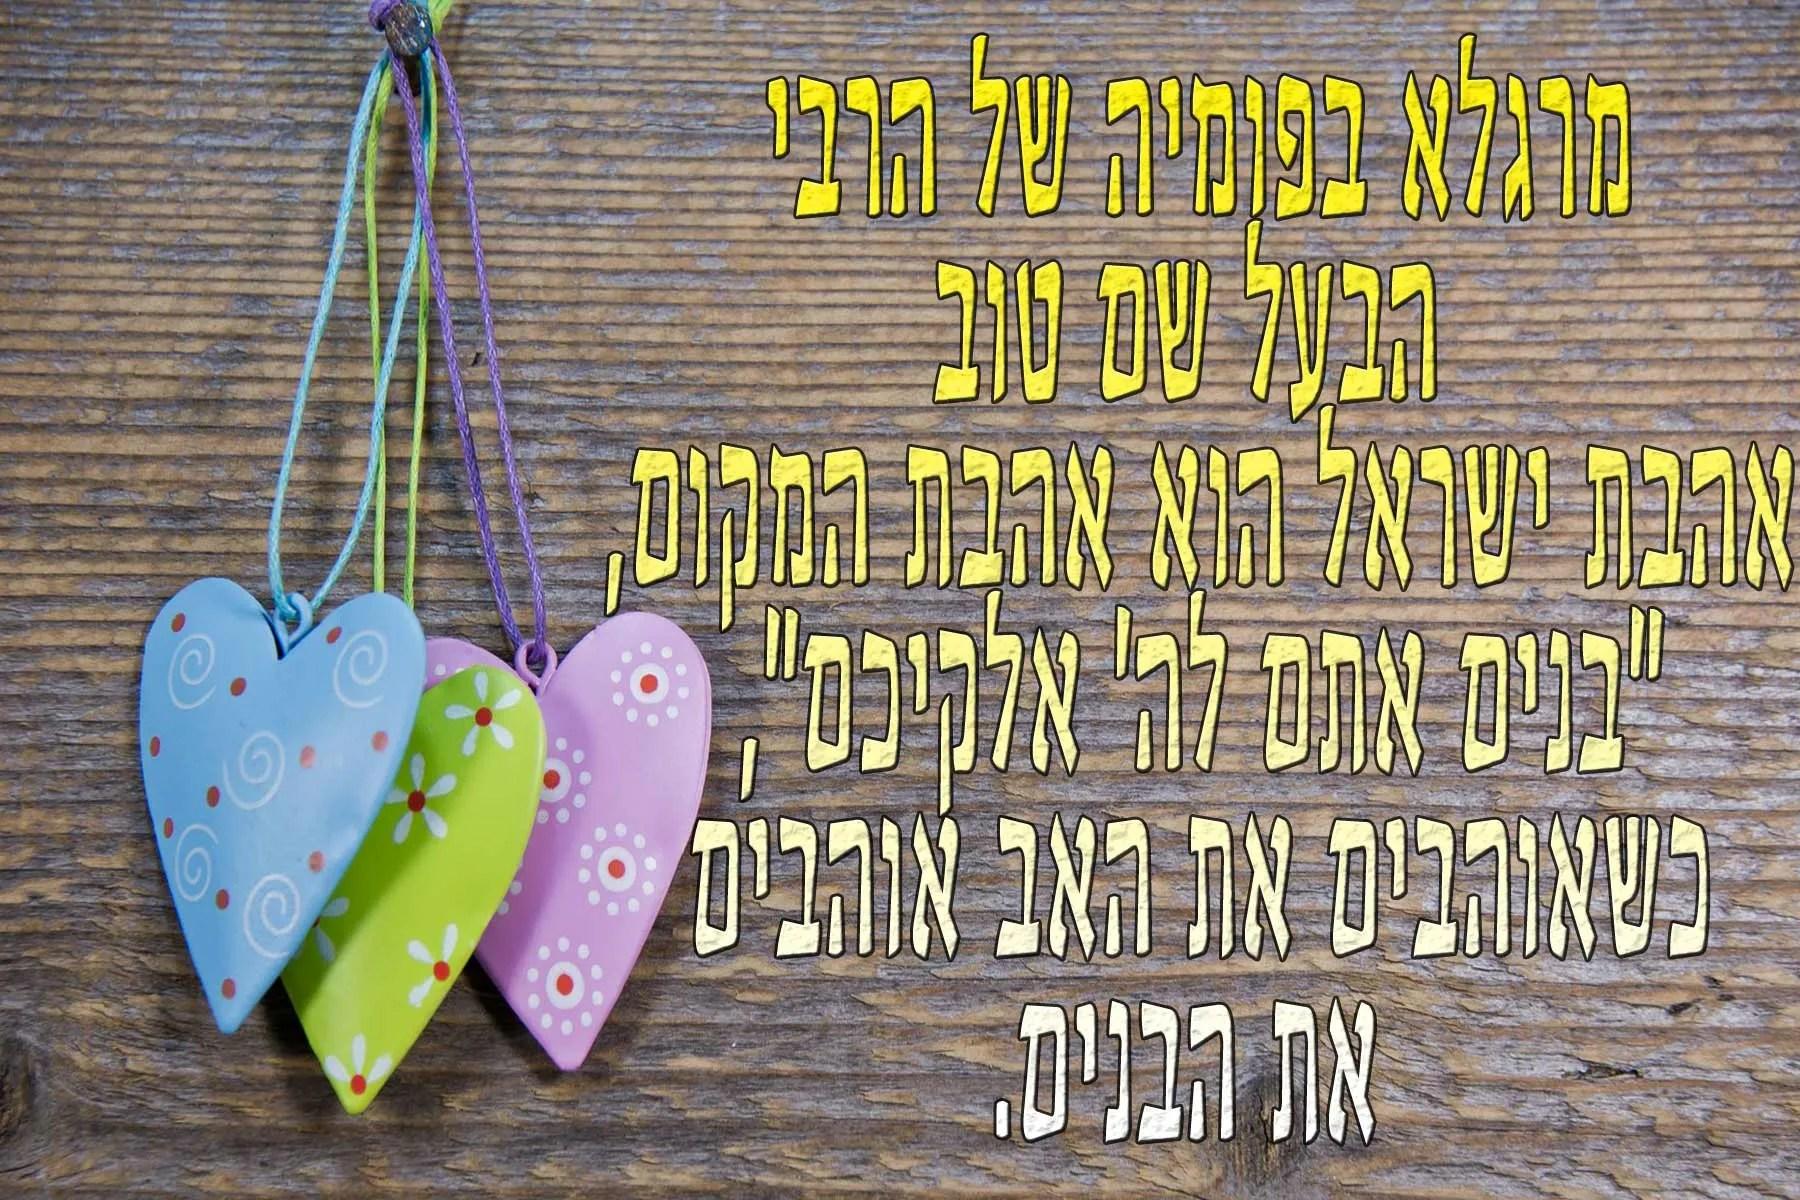 אהבת-ישראל-הוא-אהבת-המקום